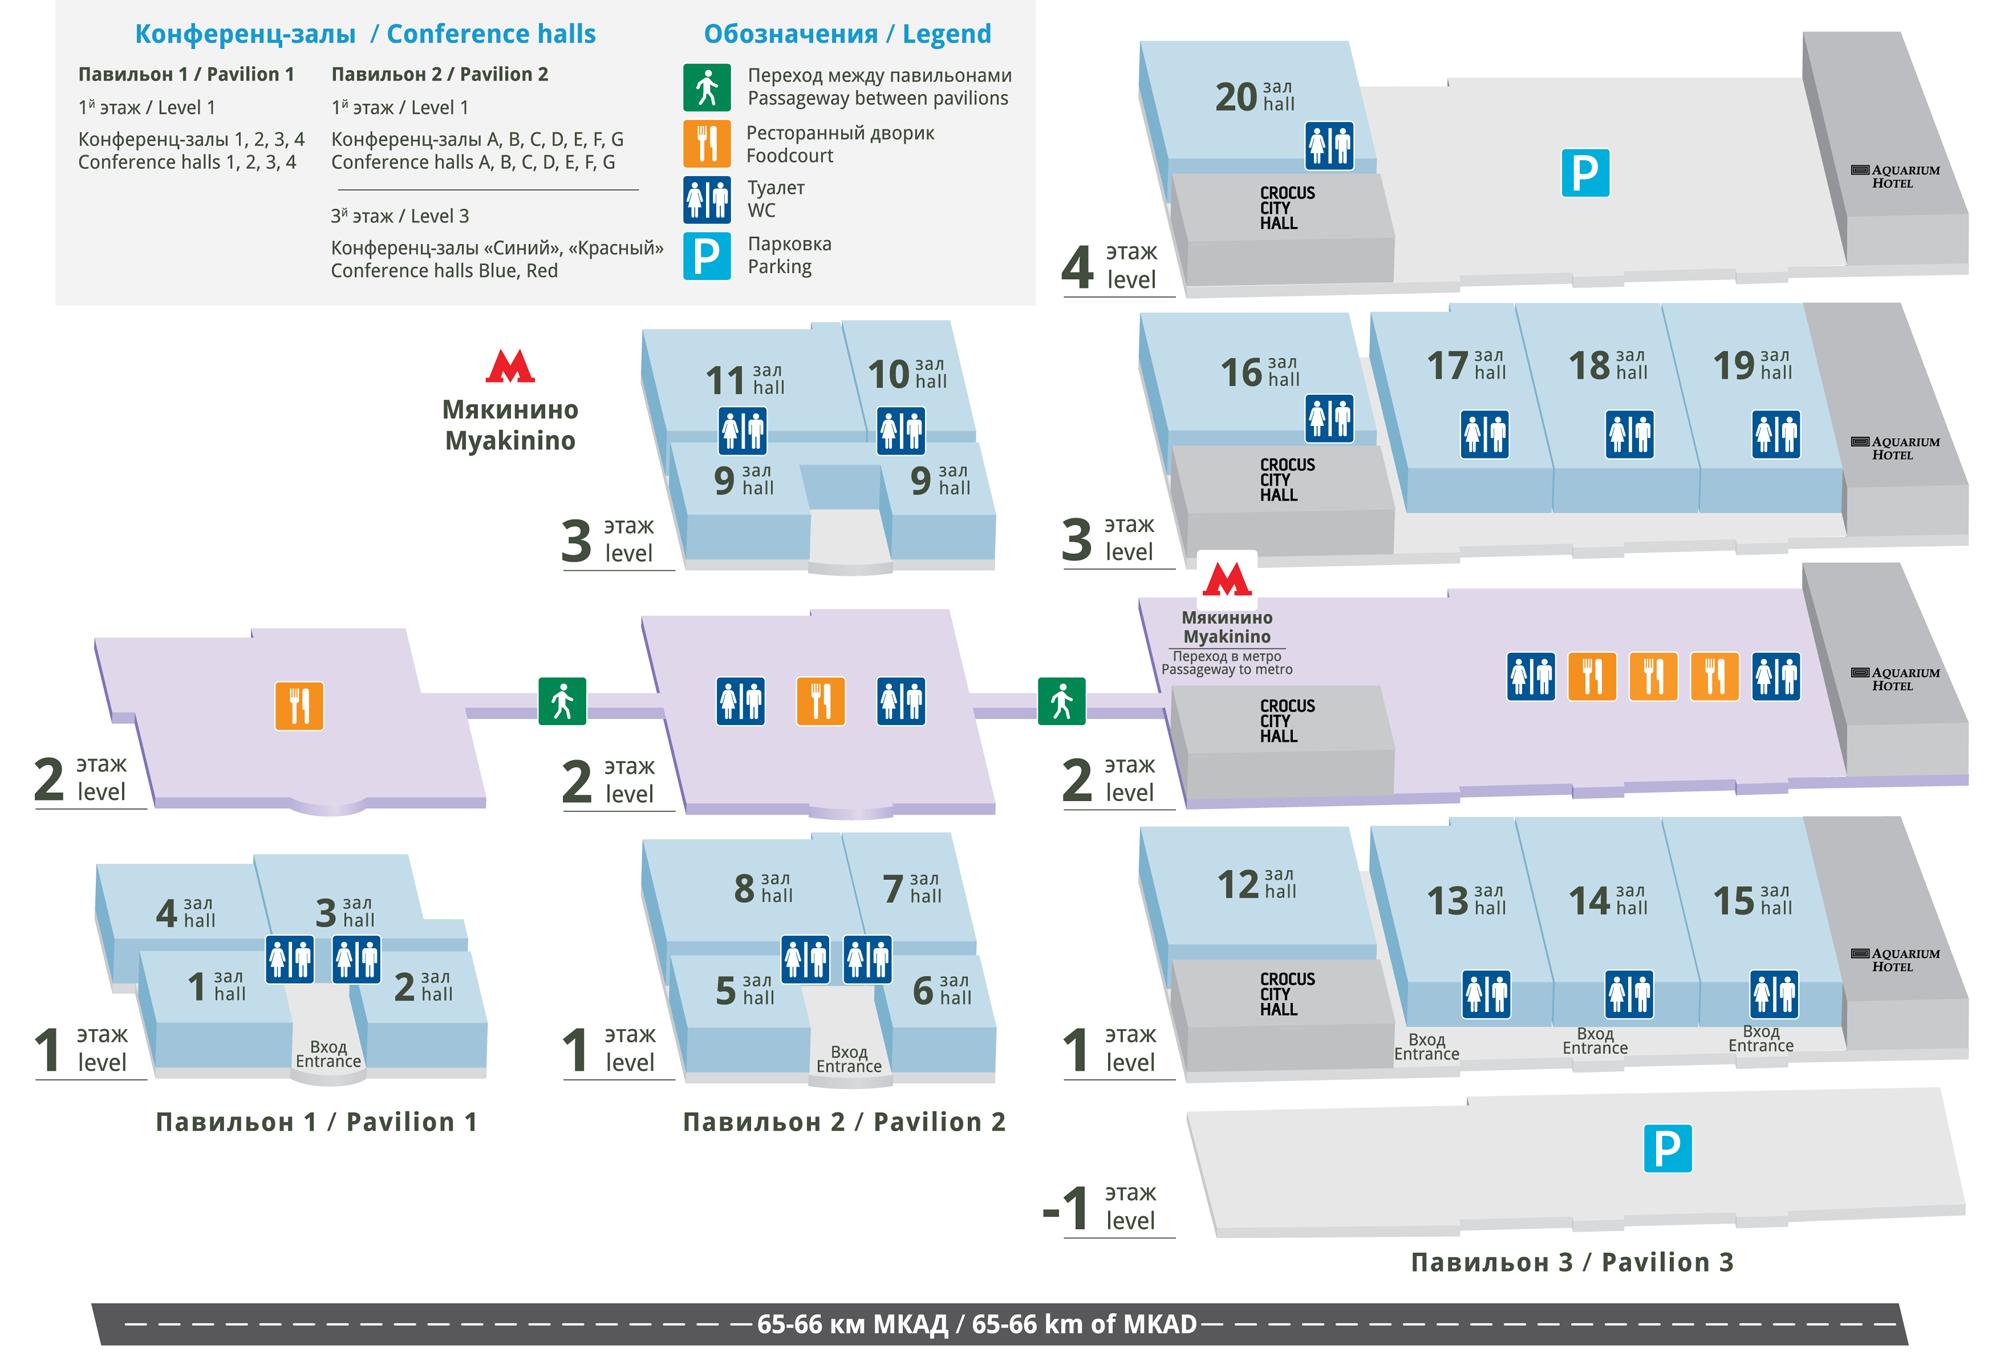 Схема расположения залов и павильонов в Крокус Экспо